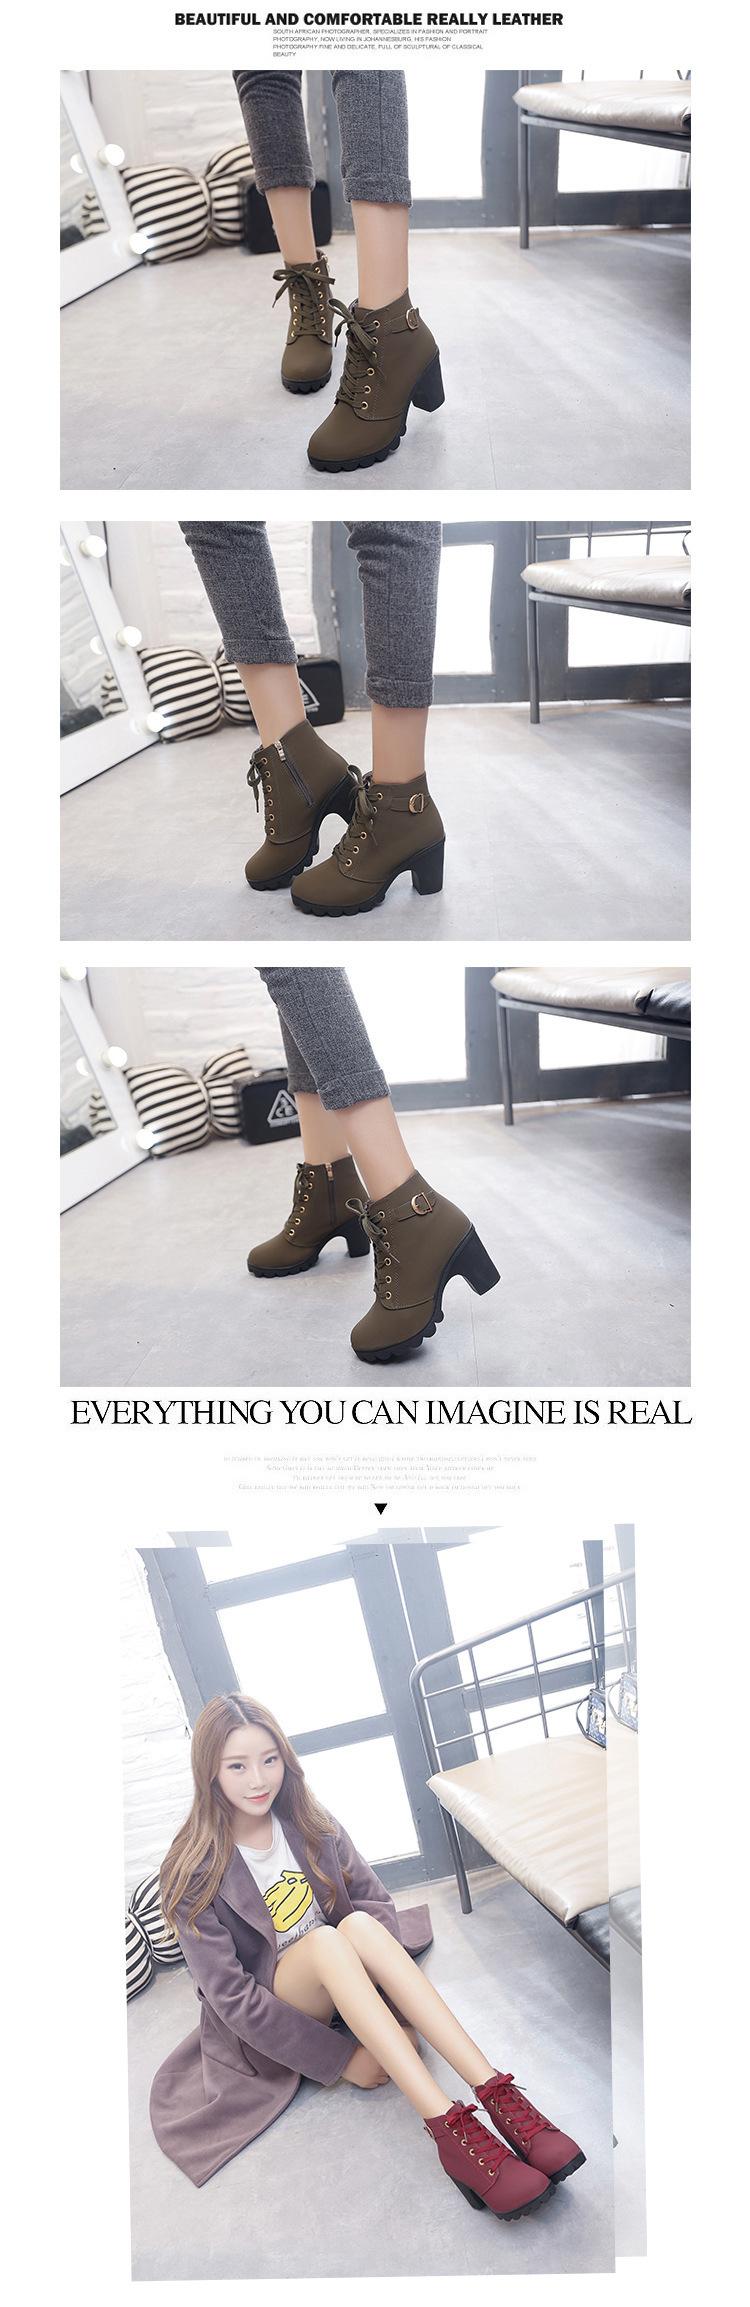 Stiefel Von Stiefeletten Frauen Herbst High Schnüren Schuhe Plus Ferse Heels Size Großhandel Dicke Kurze Reißverschluss Damen Plattform Schnalle j5q3LA4R